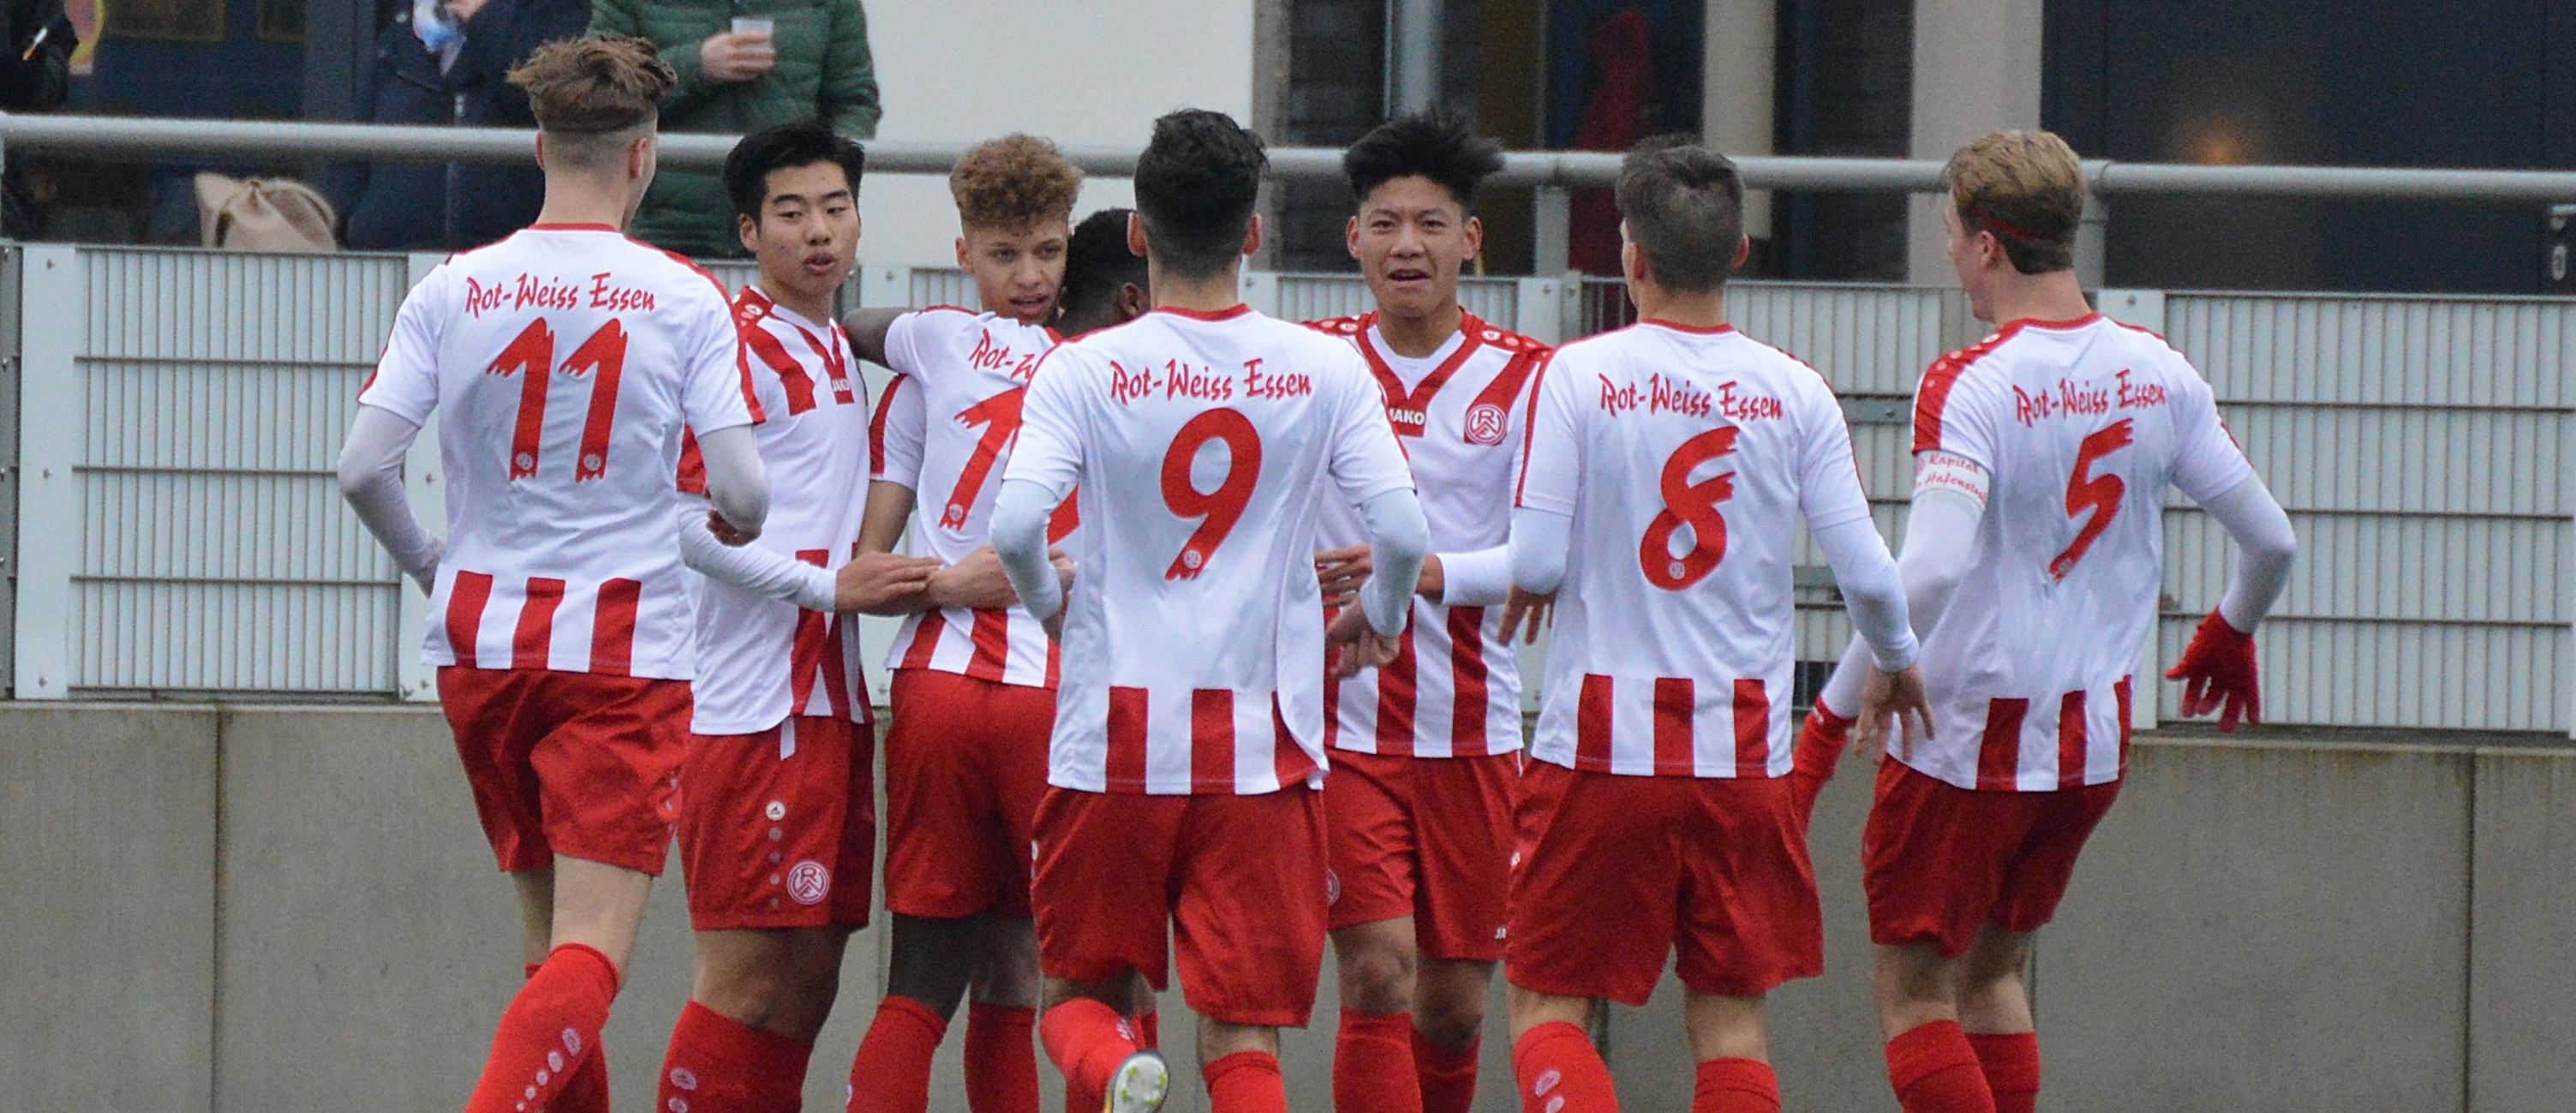 Mit einem Sieg gegen 04/19 Ratingen springt die rot-weisse U19 in der Tabelle nach ganz oben. (Foto: Skuppin)